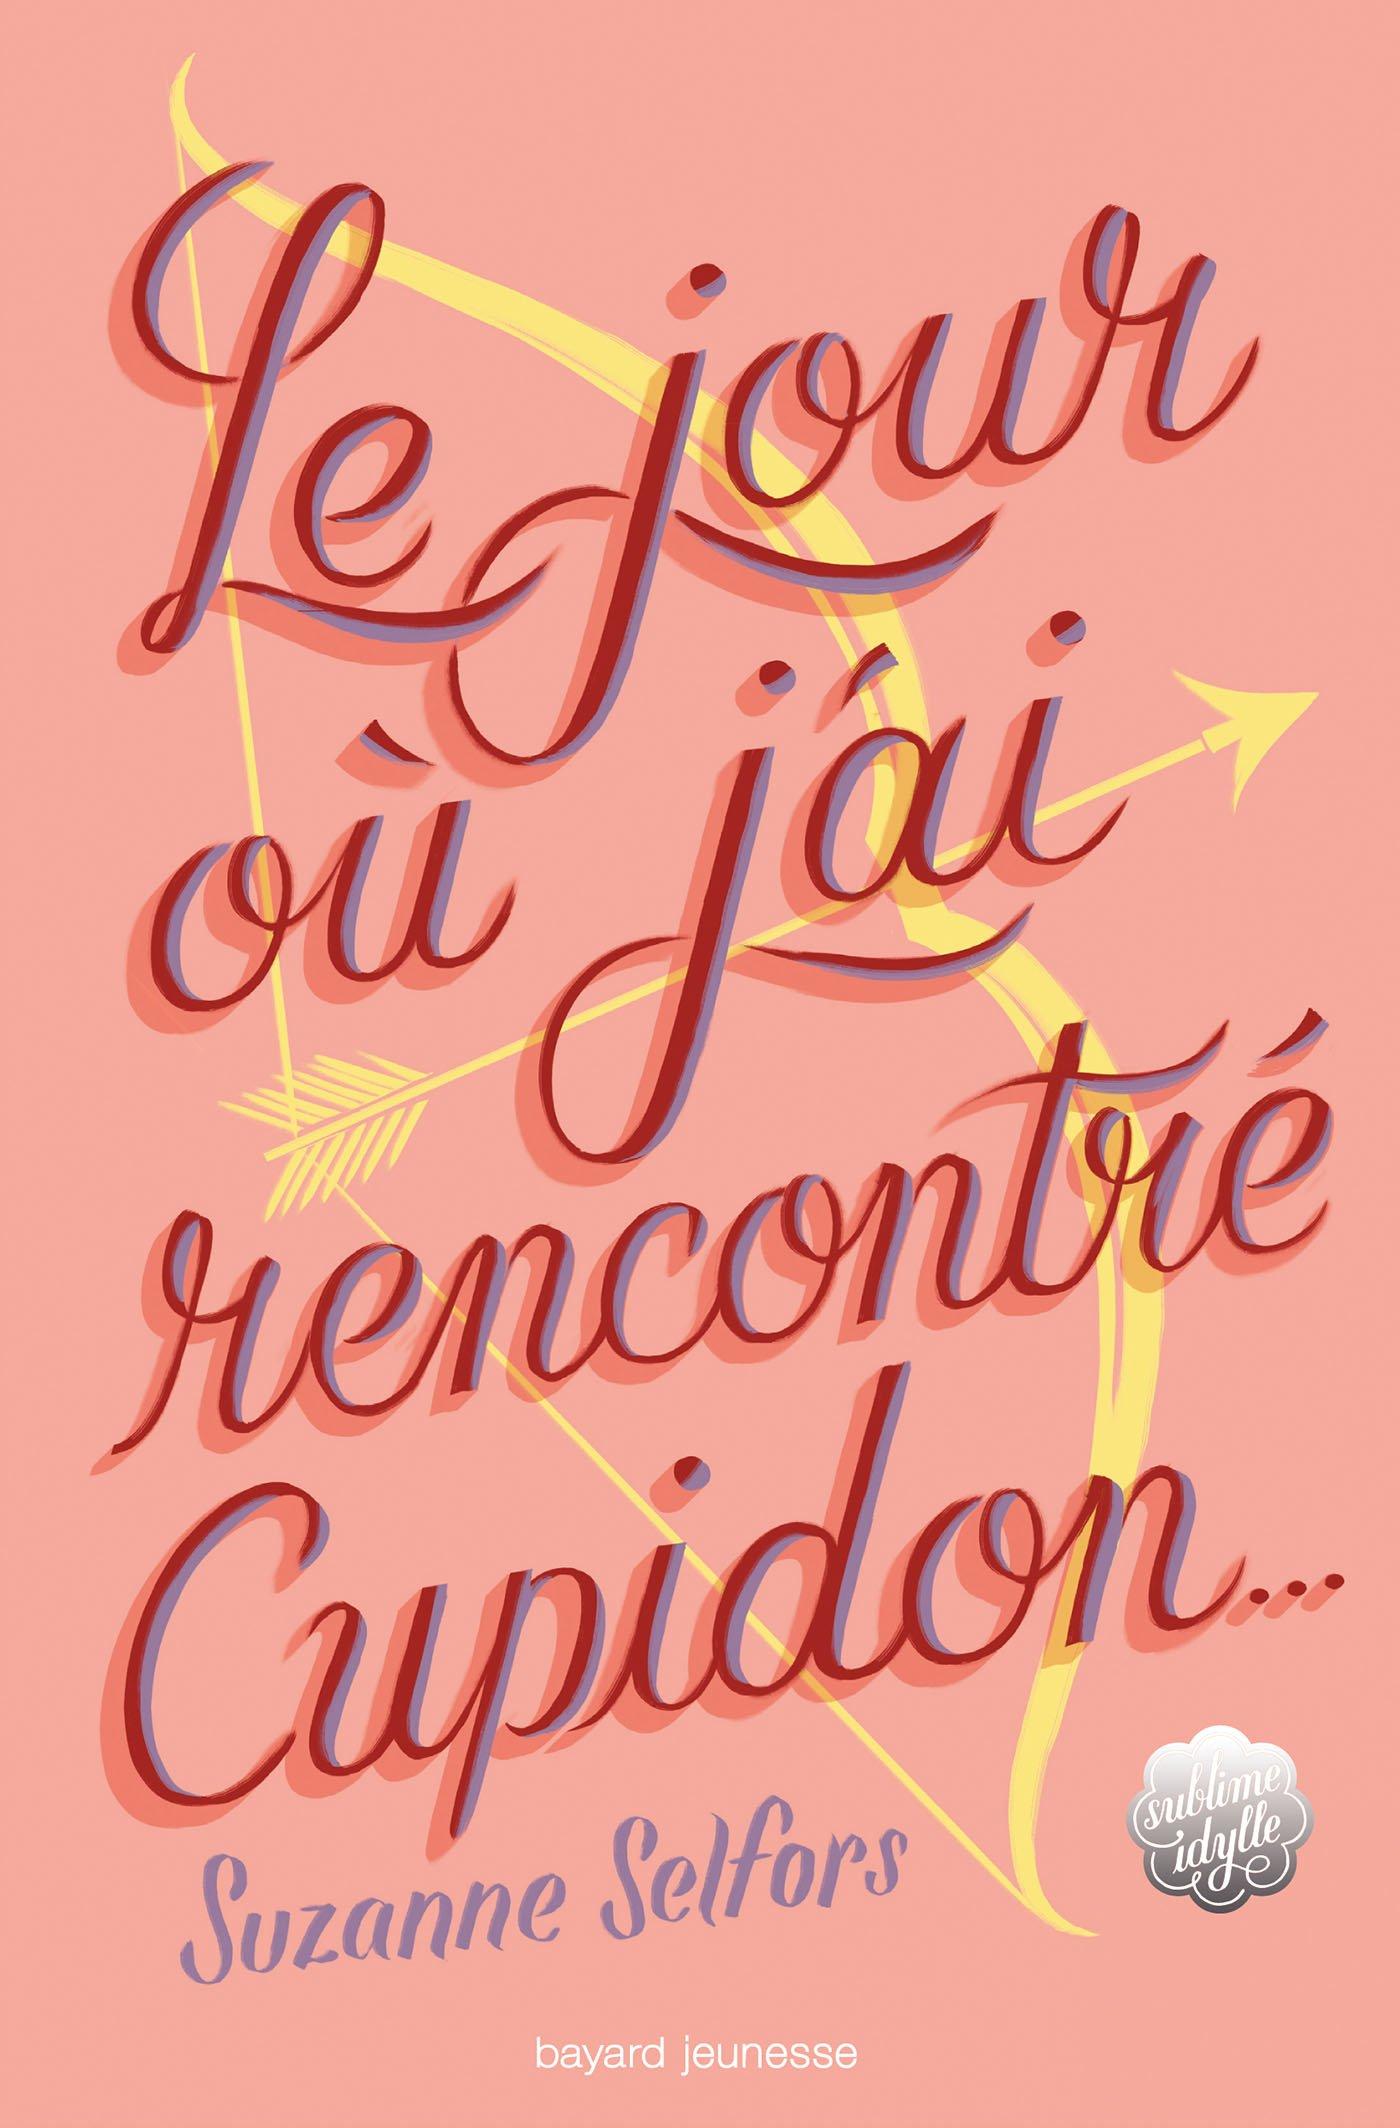 Le jour où j'ai rencontré Cupidon de Suzanne Selfors 711W2RZ25ML